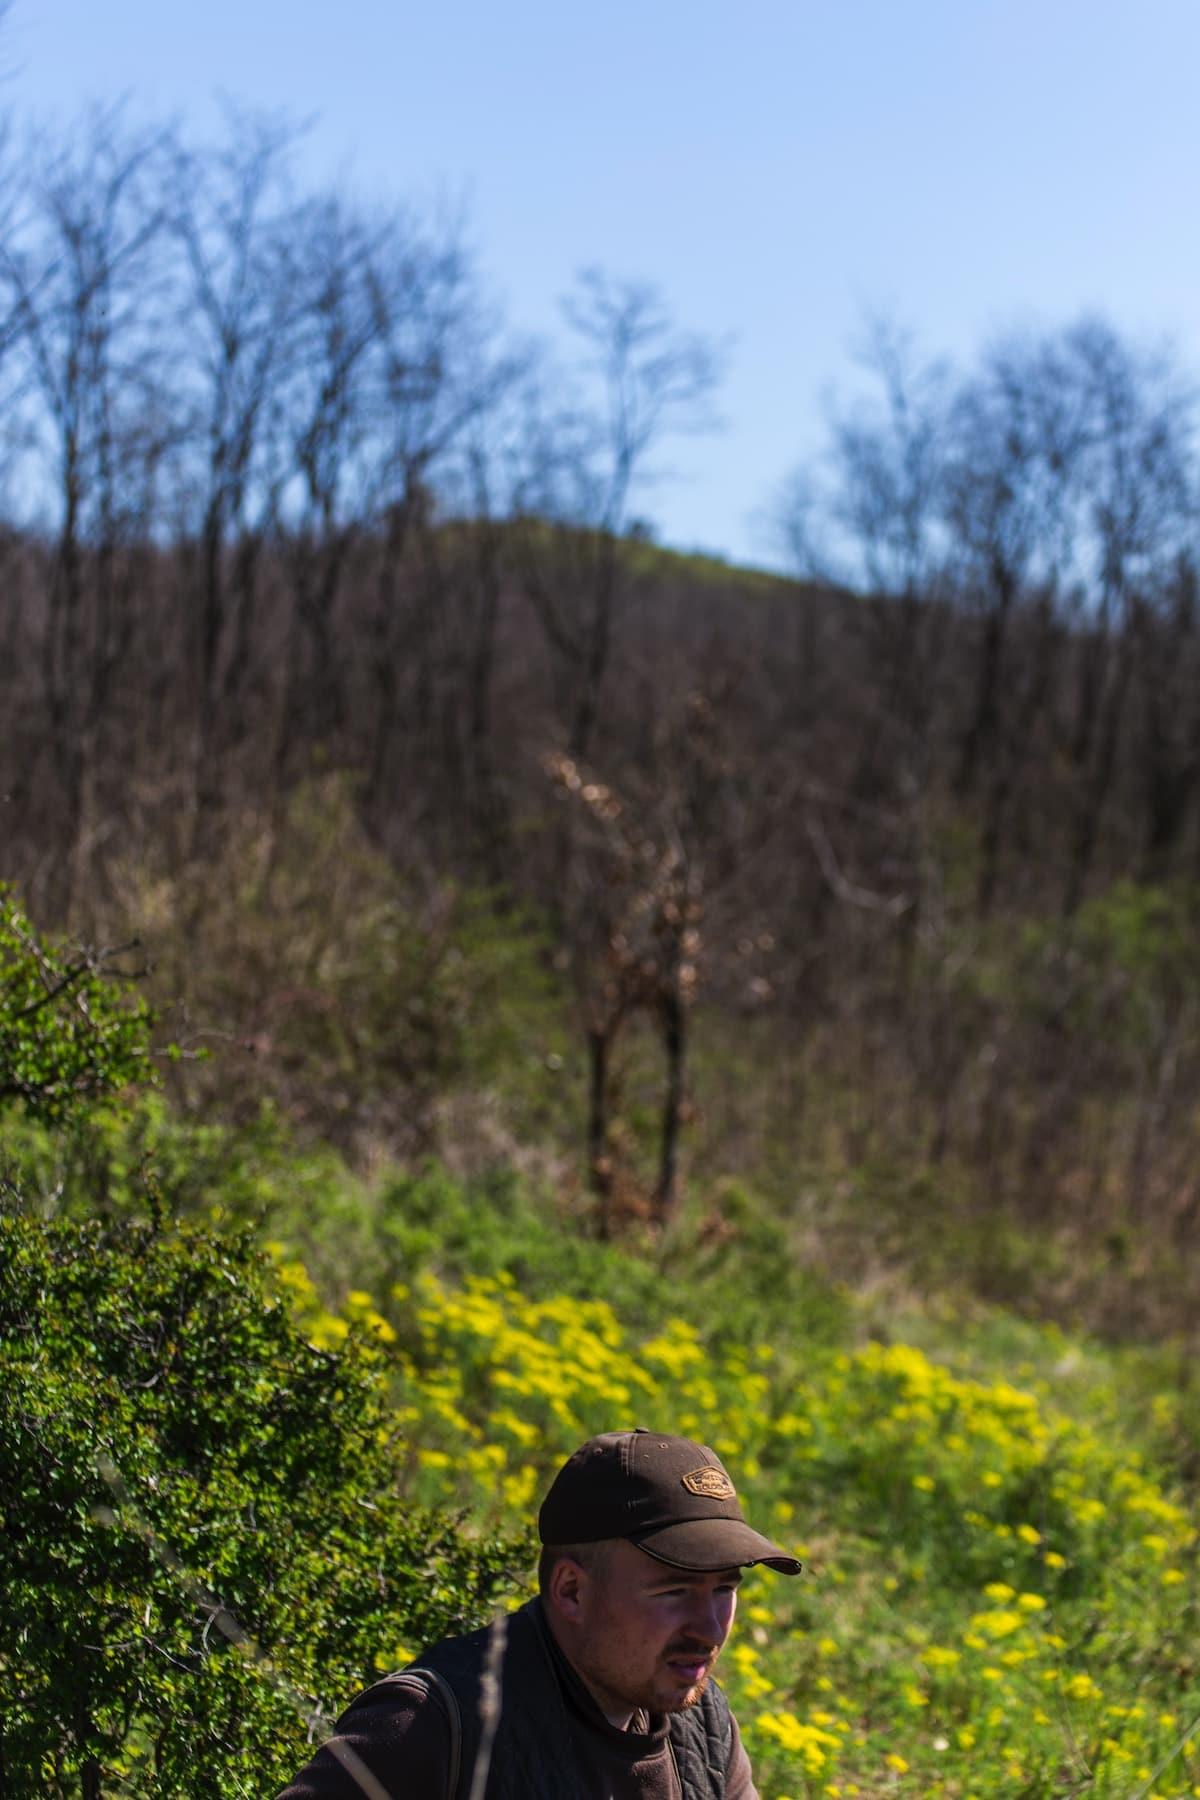 3. kép: Tóth Herman és a háttérben a magaslat.